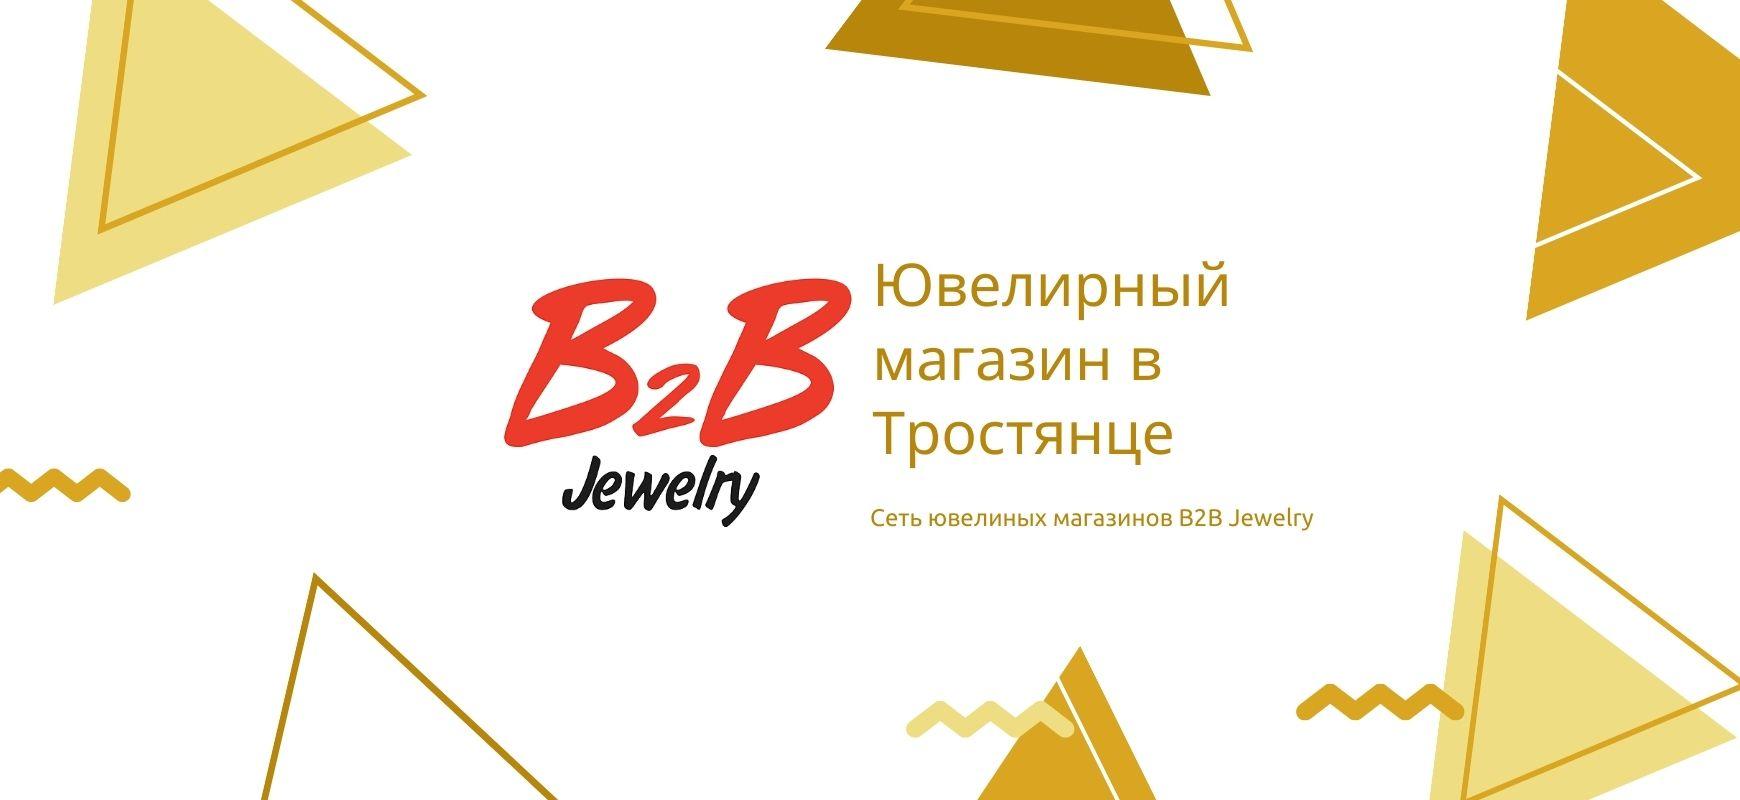 B2B JEWELRY ТРОСТЯНЕЦ